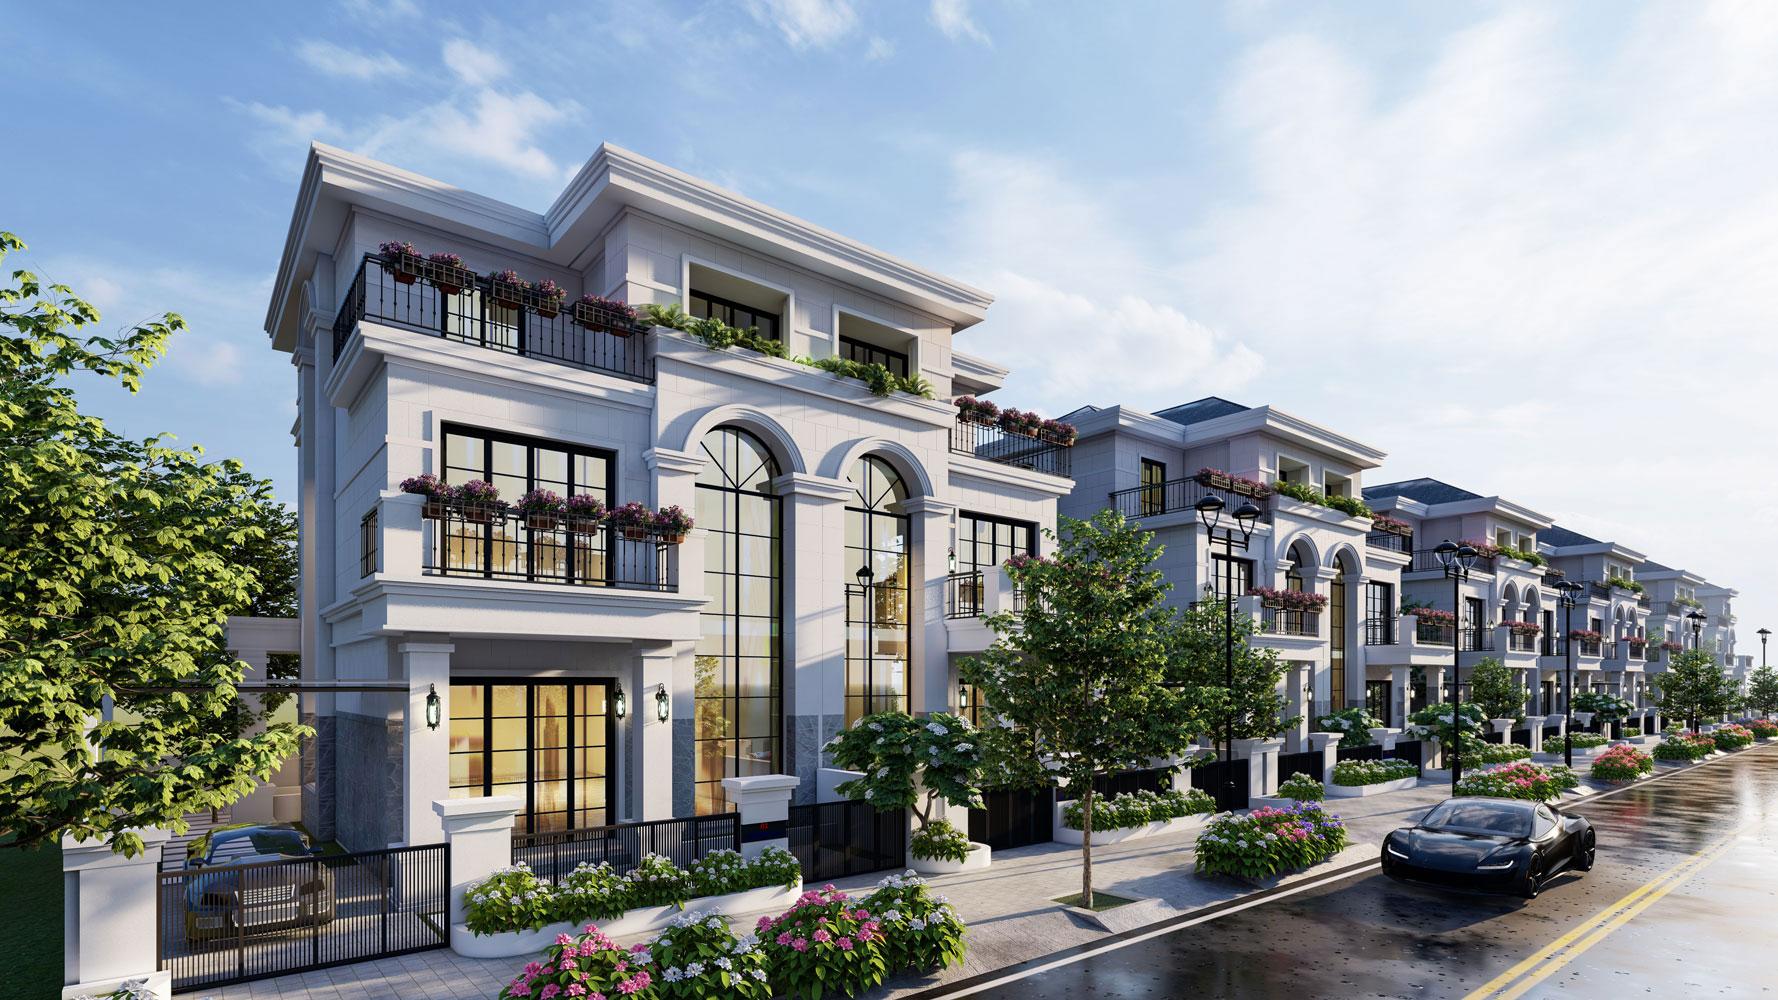 biệt thự nghỉ dưỡng, Phân khúc biệt thự nghỉ dưỡng trên thị trường, Đơn vị phân phối và phát triển Bất động sản | An Tường Real, Đơn vị phân phối và phát triển Bất động sản | An Tường Real